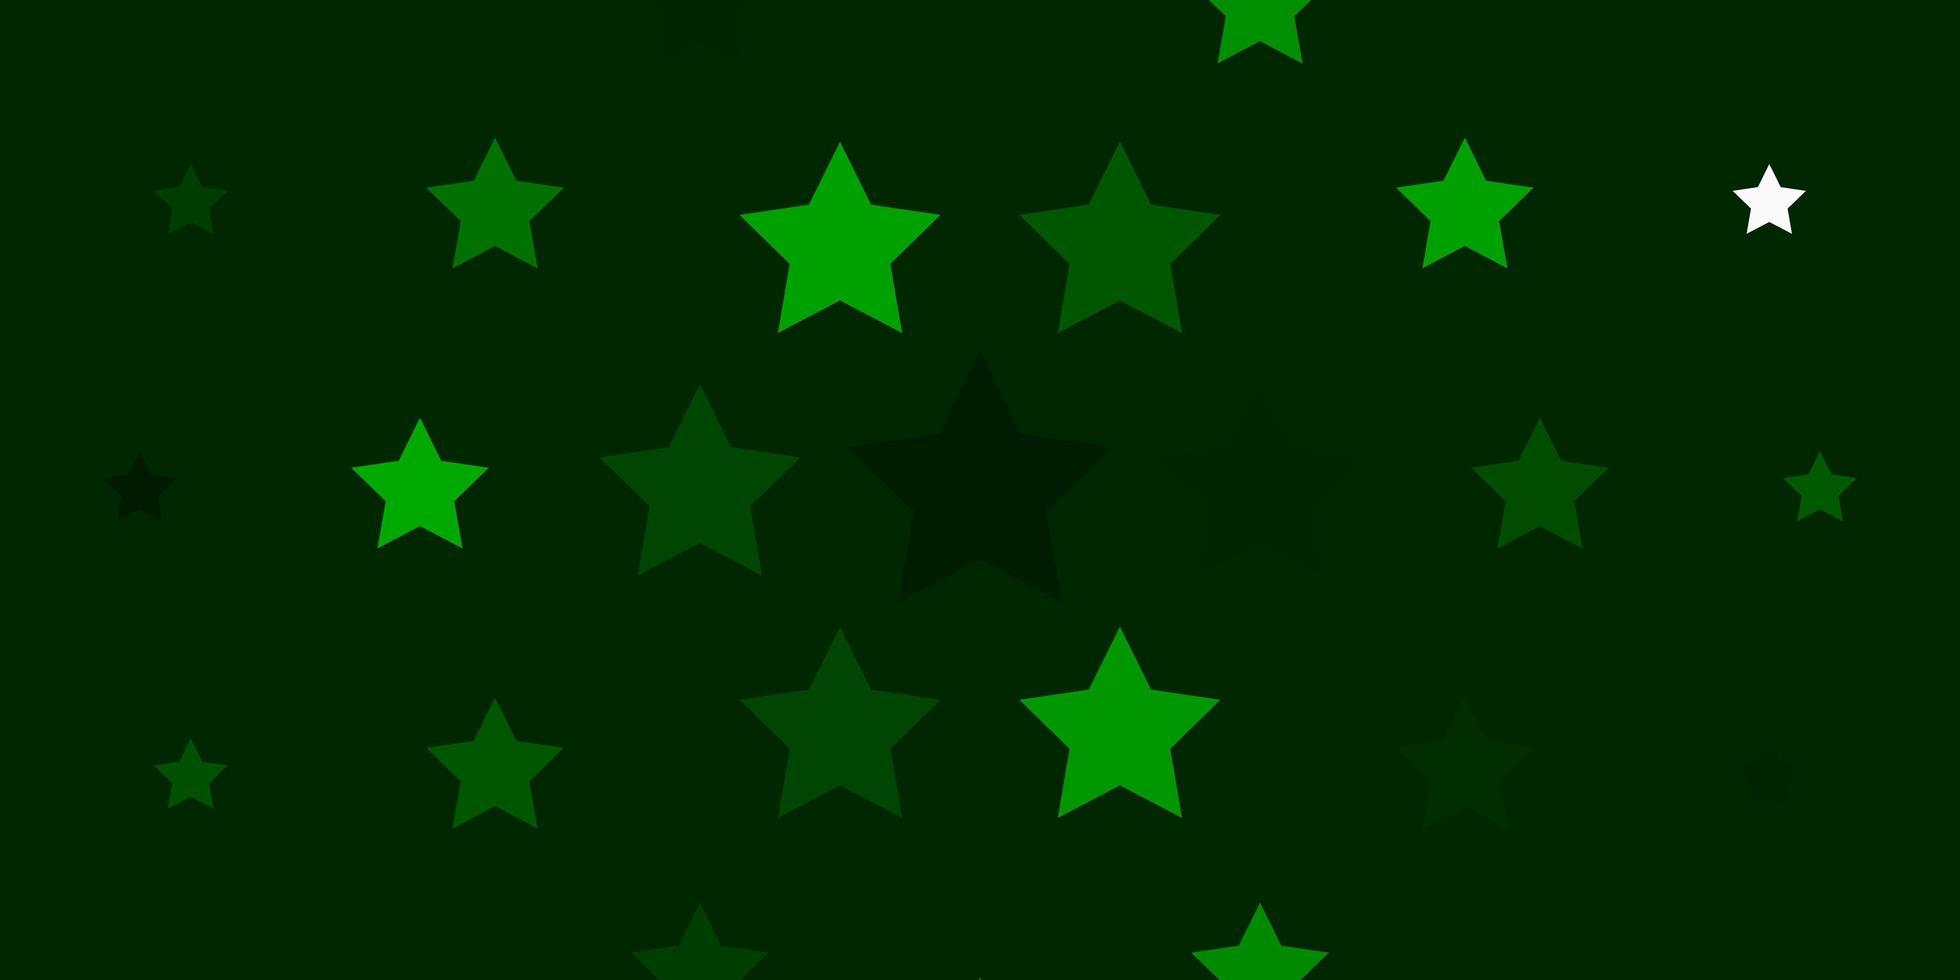 modelo verde claro com estrelas de néon. vetor